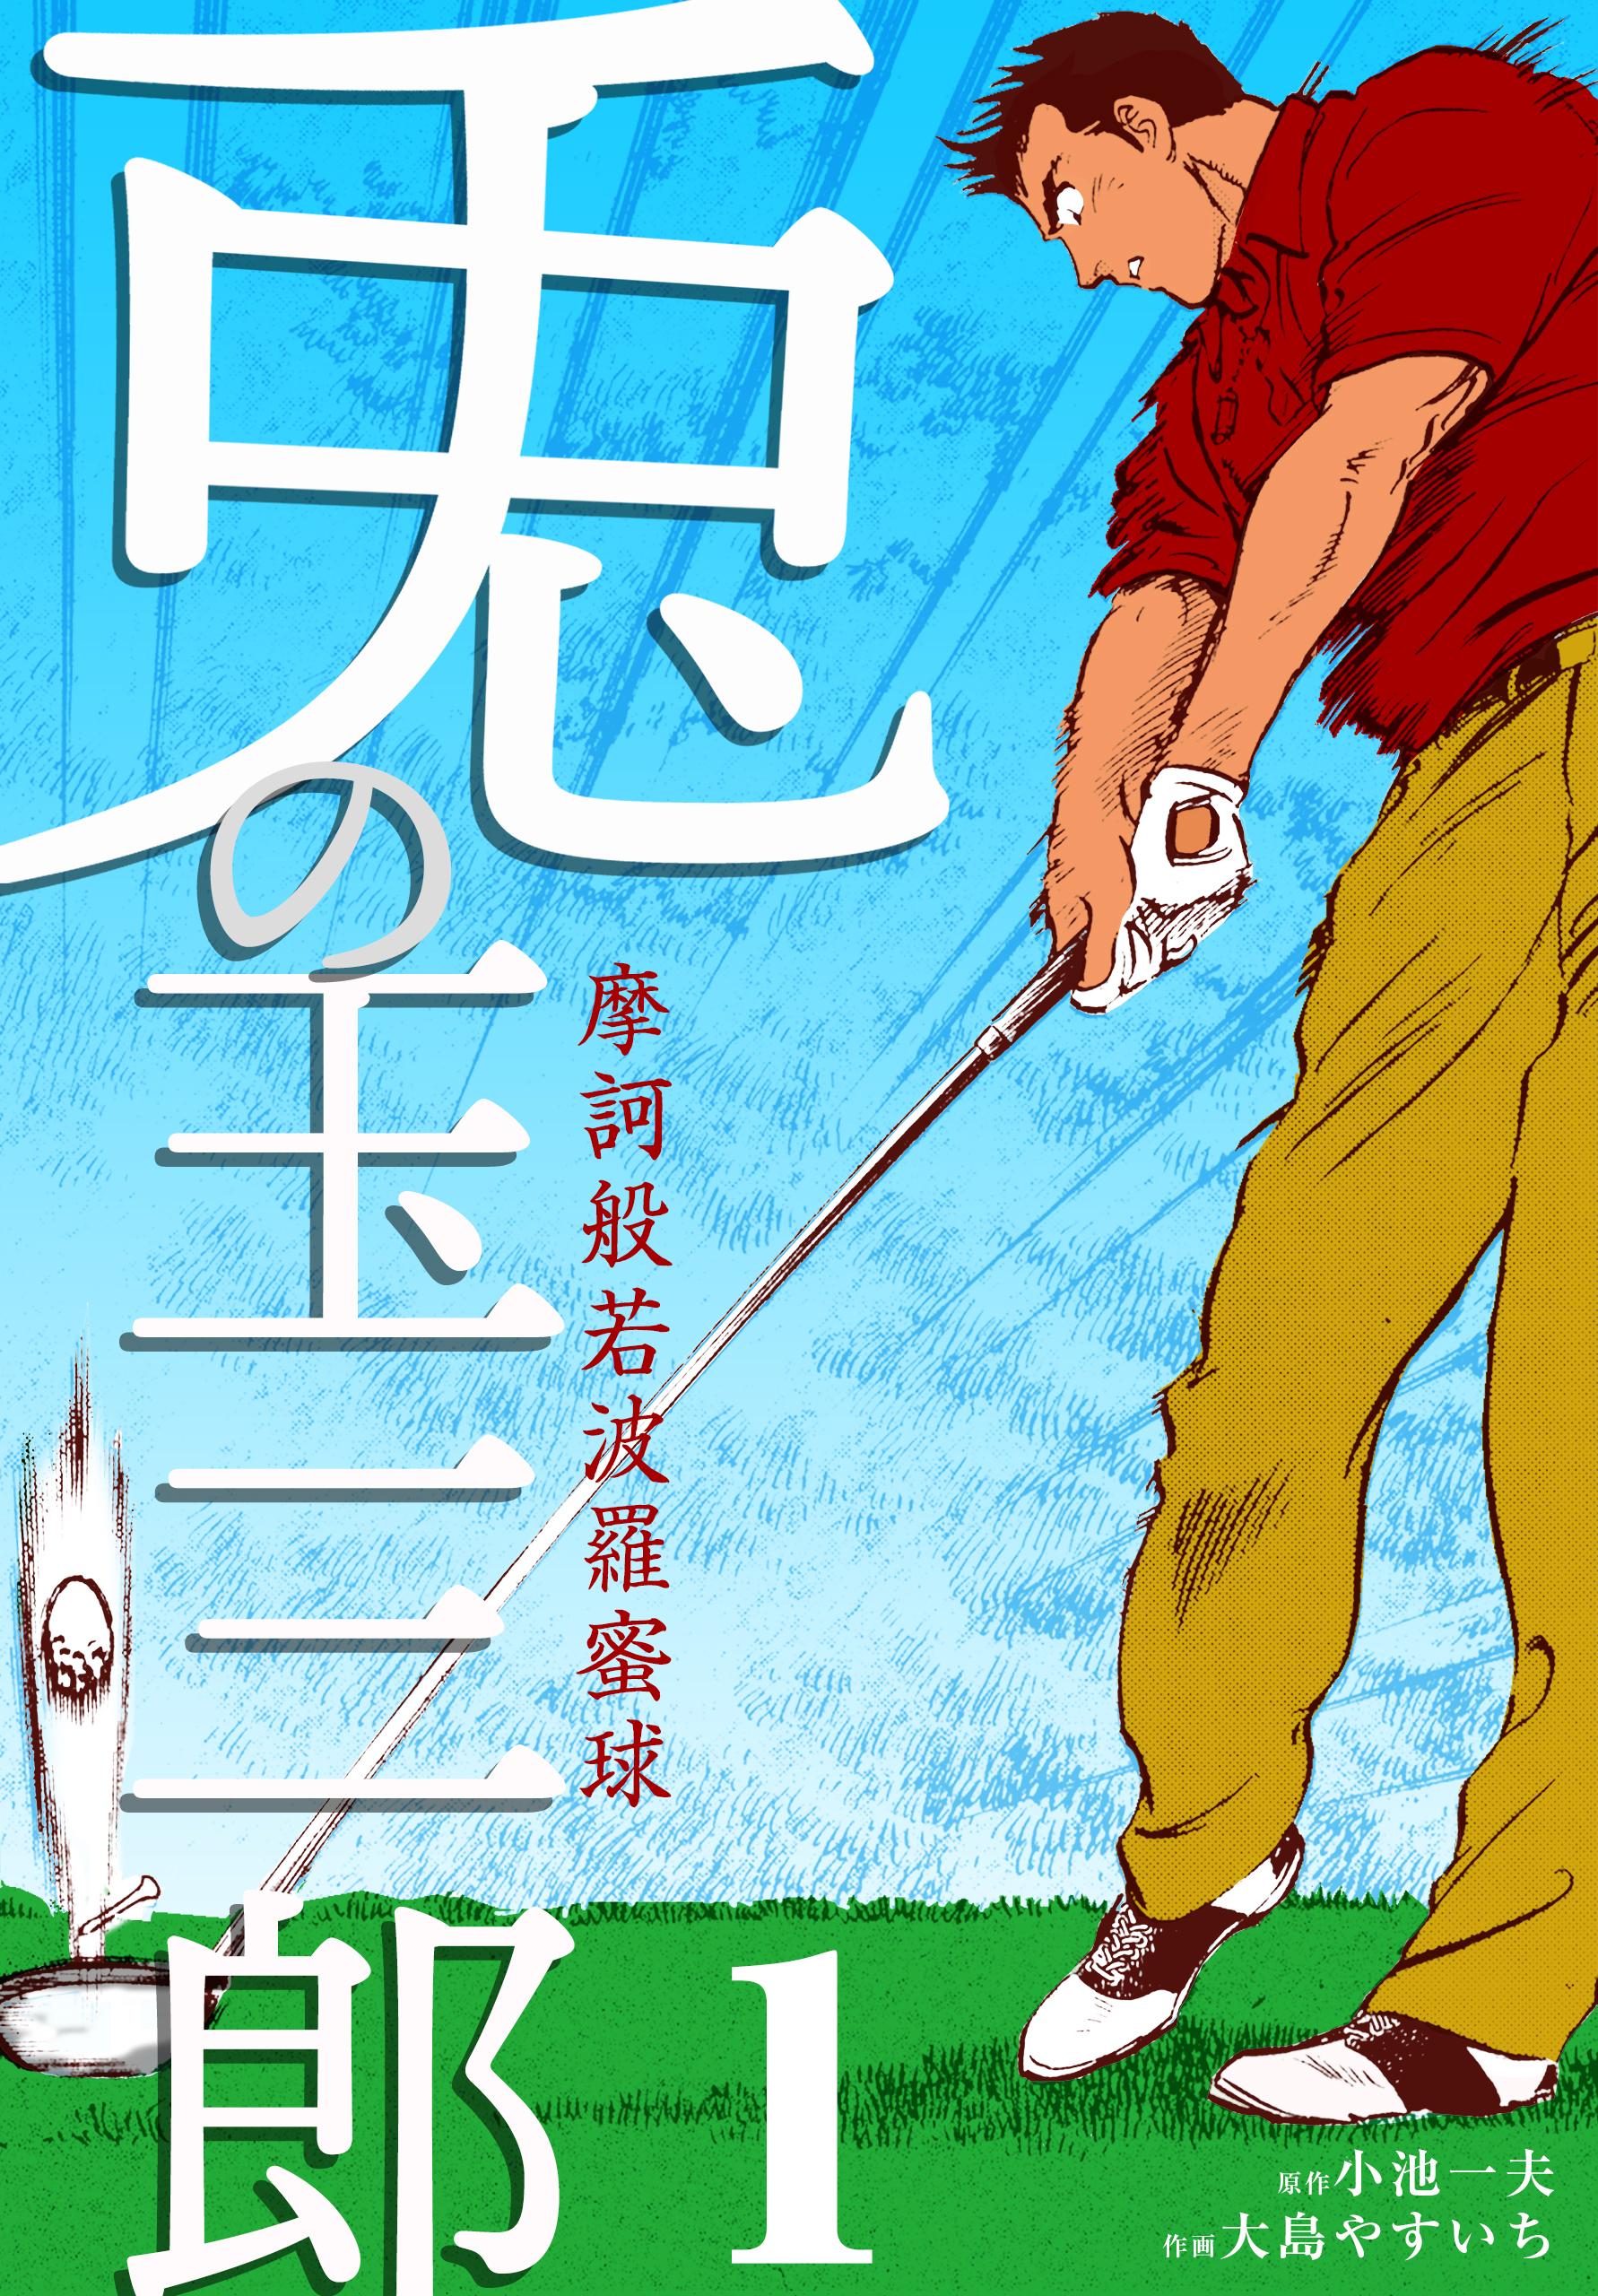 摩訶般若波羅蜜球 兎の玉三郎(第1巻)